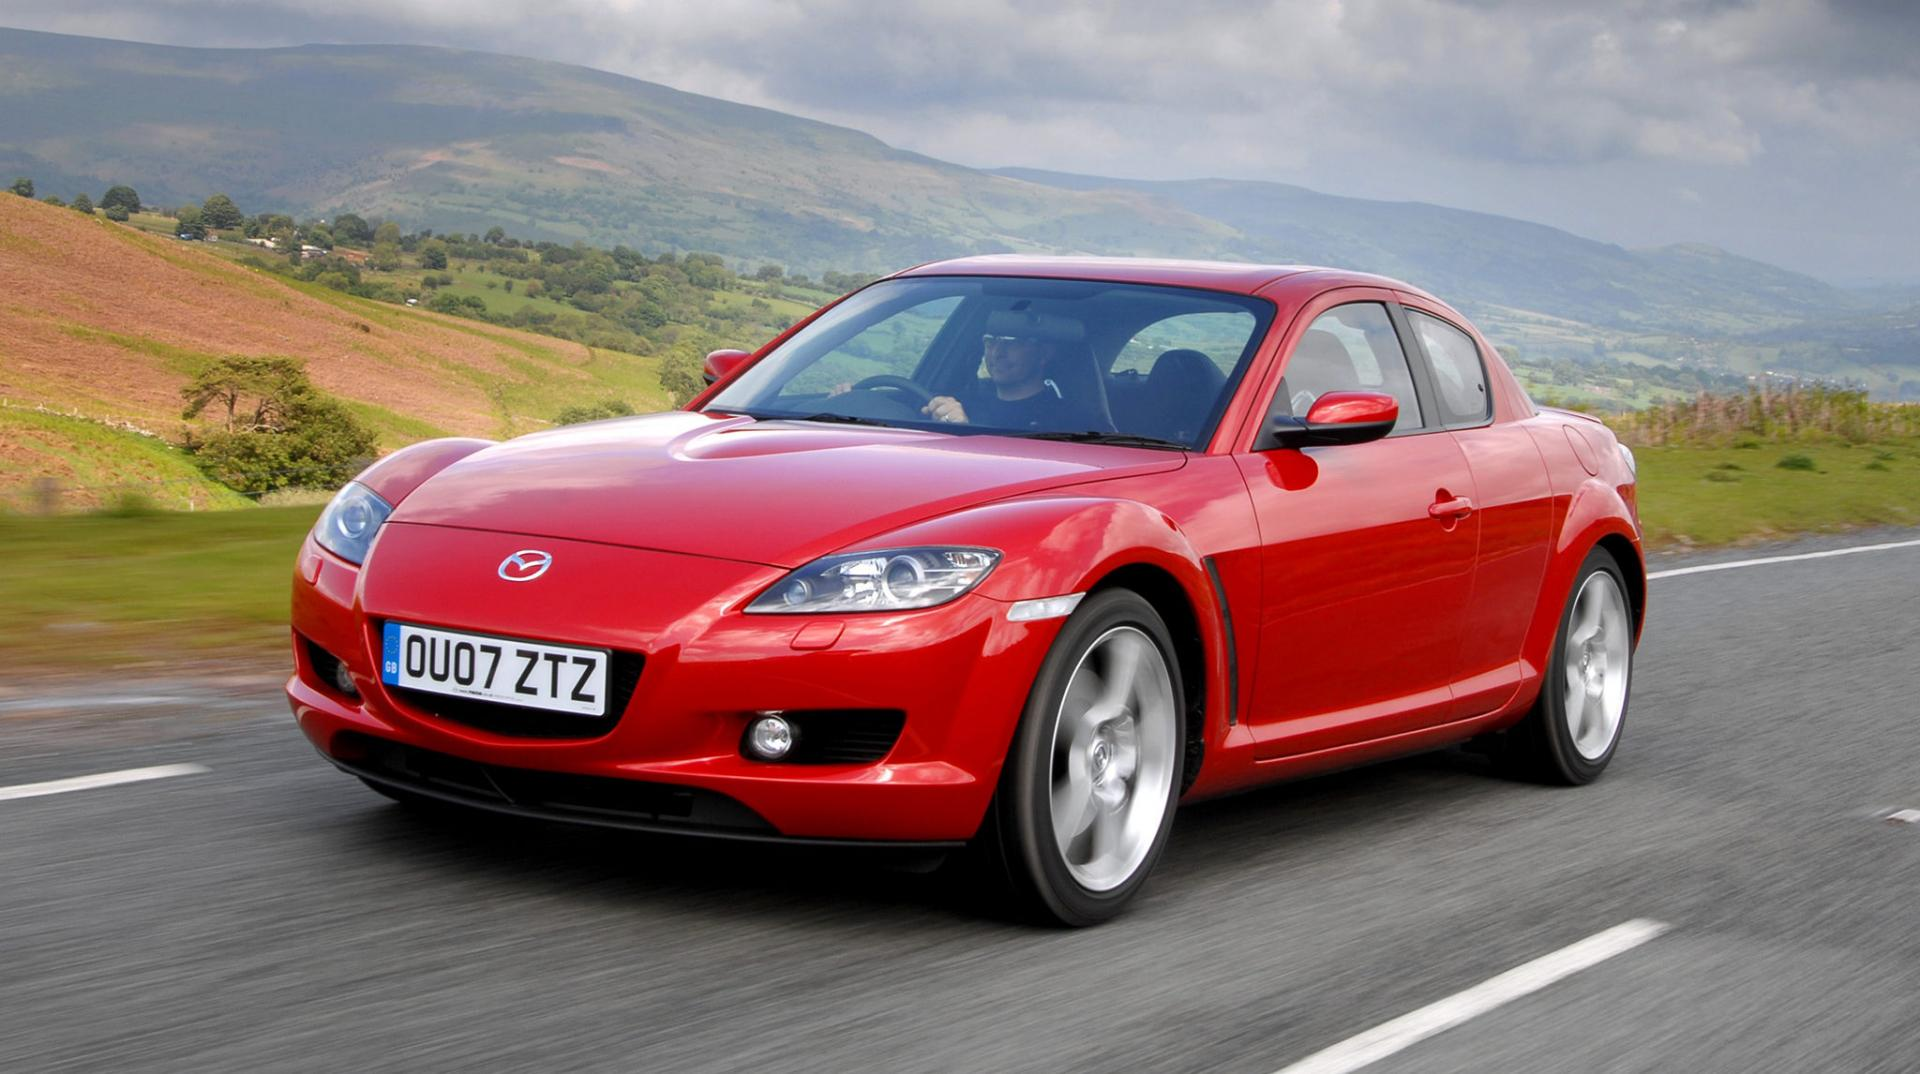 De Mazda RX-8 is een koopje, maar waarom? - TopGear